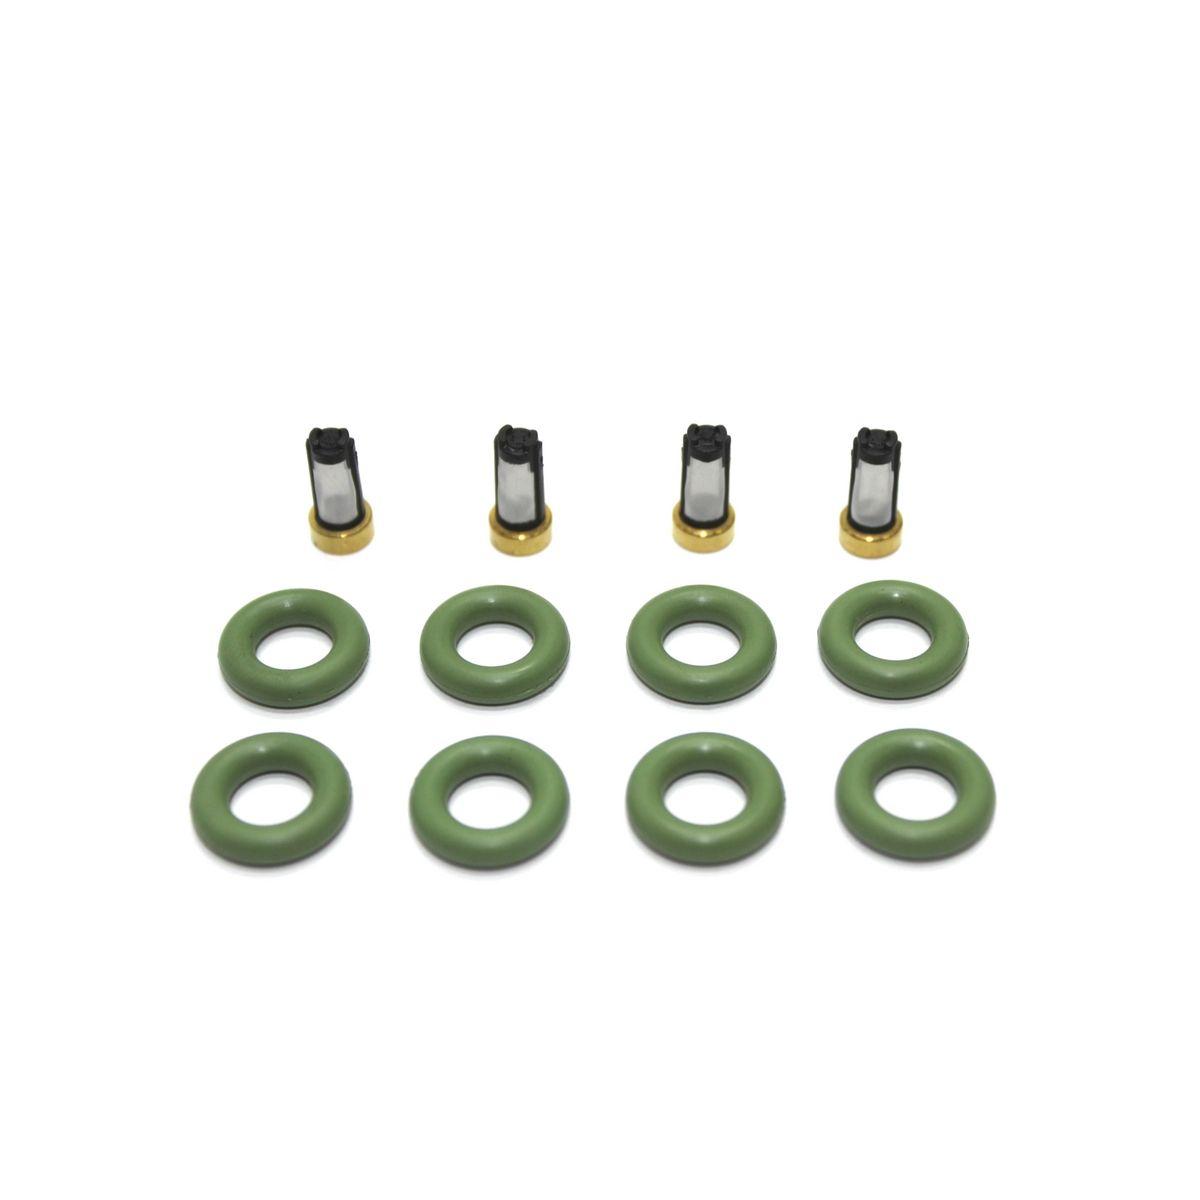 Reparo Filtro Bico Injetor Sistema Magnetti Marelli Multi Point